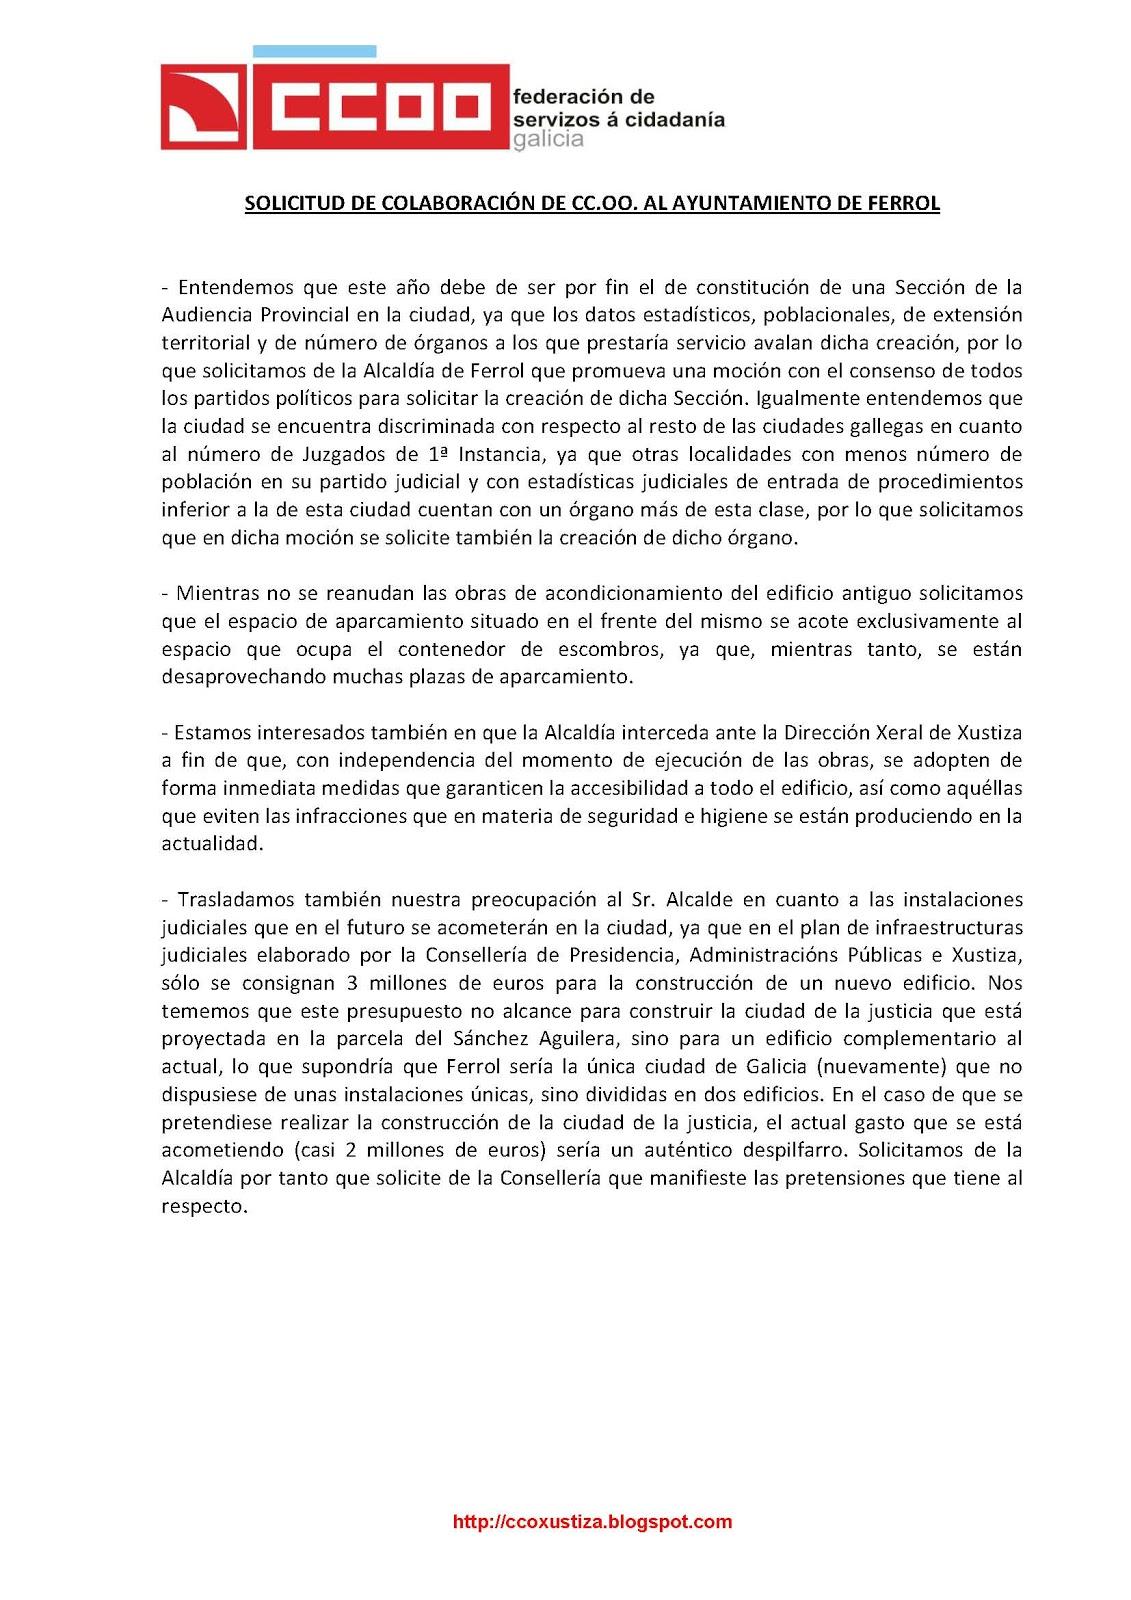 CCOO de Xustiza: enero 2011